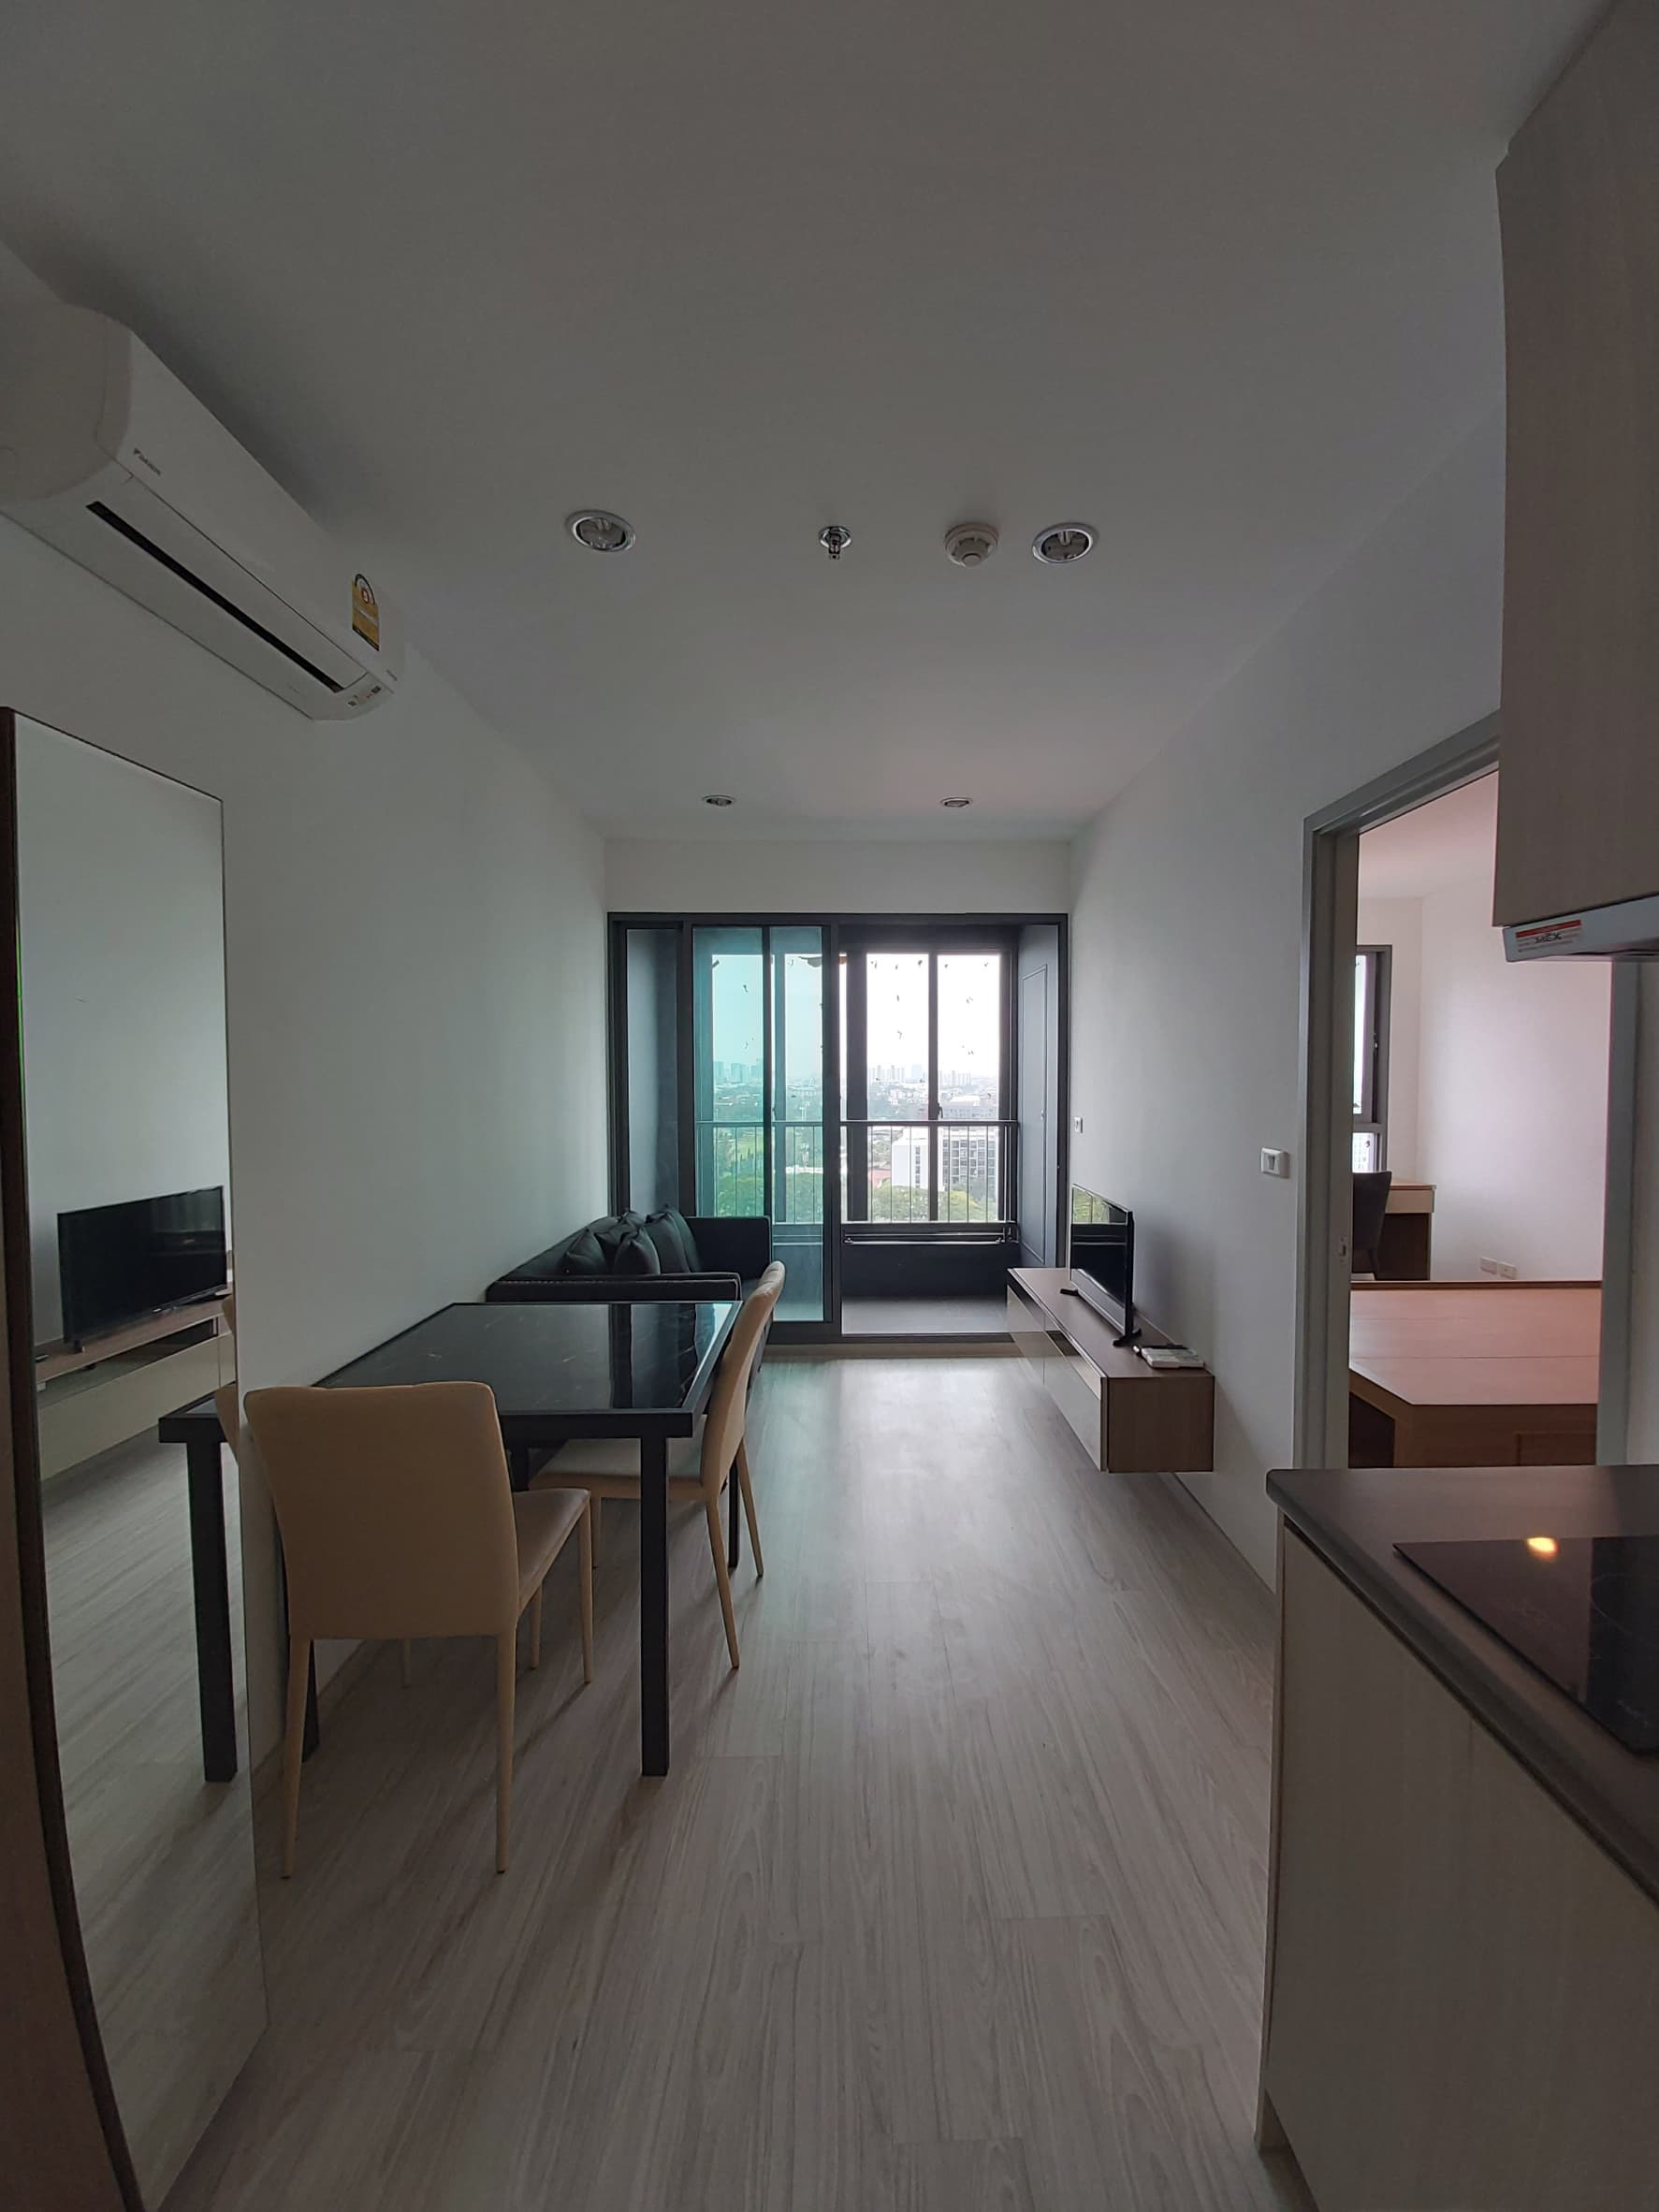 ให้เช่าคอนโด Ideo Mobi Sukhumvit Estgate (ห้องใหม่ไม่เคยมีคนพัก!!! ห่างBTS บางนา 250 เมตร)